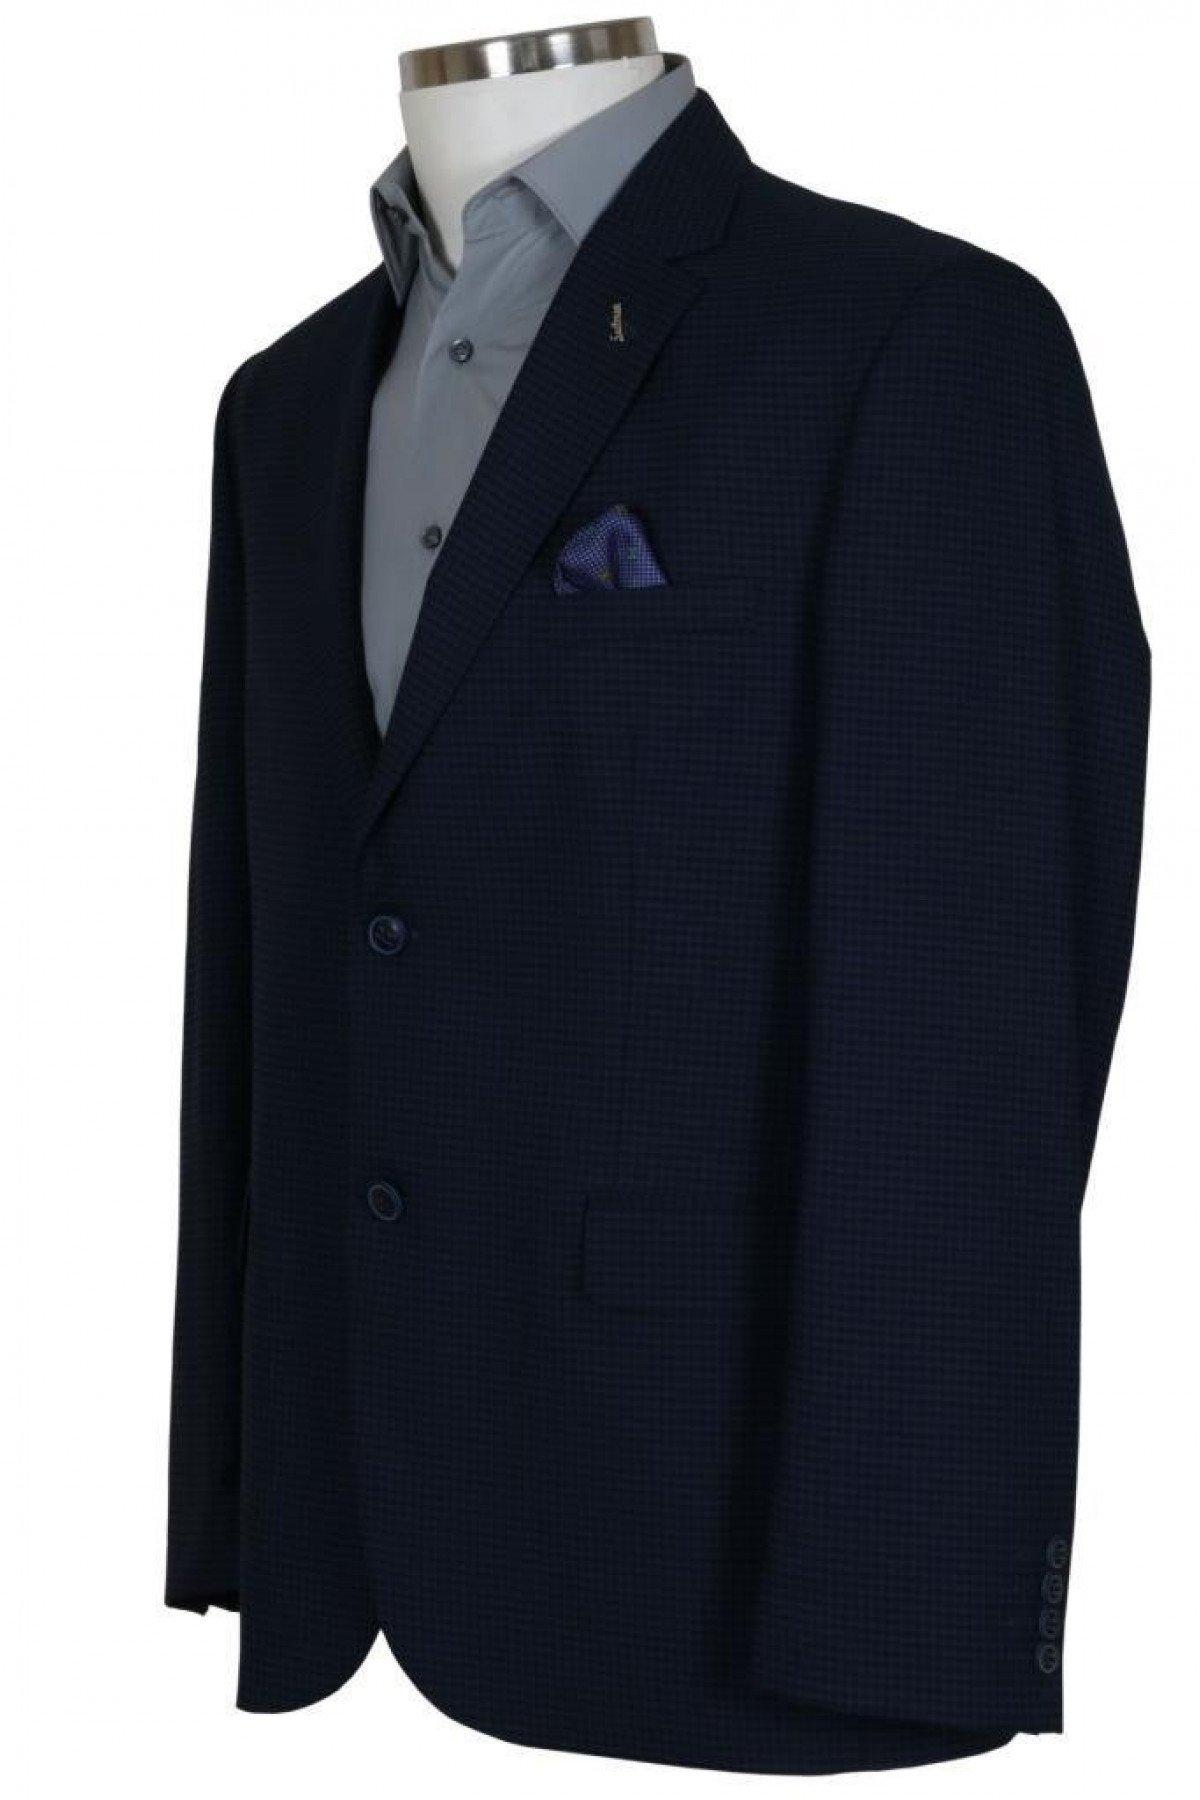 Erkek Takım Elbise Klasik Normal Kesim RAR00706